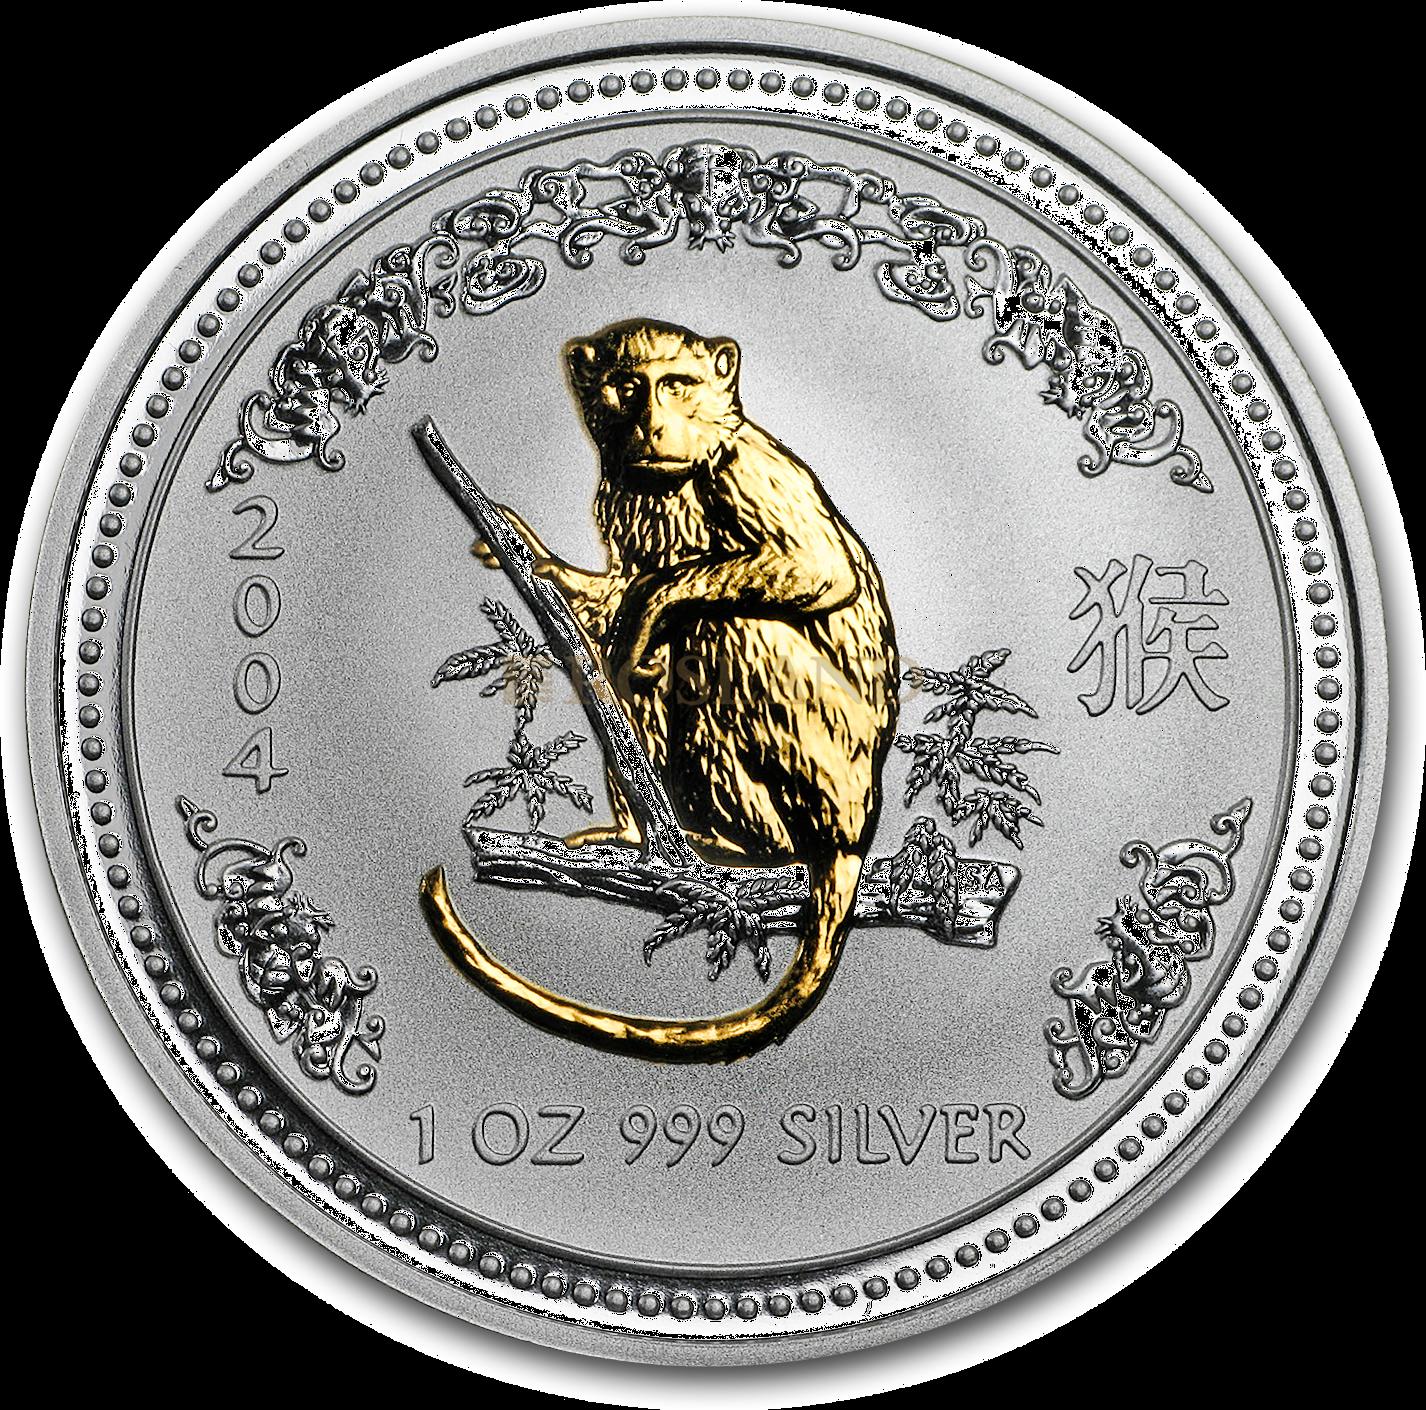 1 Unze Silbermünze Australien Lunar 1 Affe 2004 (Vergoldet, Zertifikat)